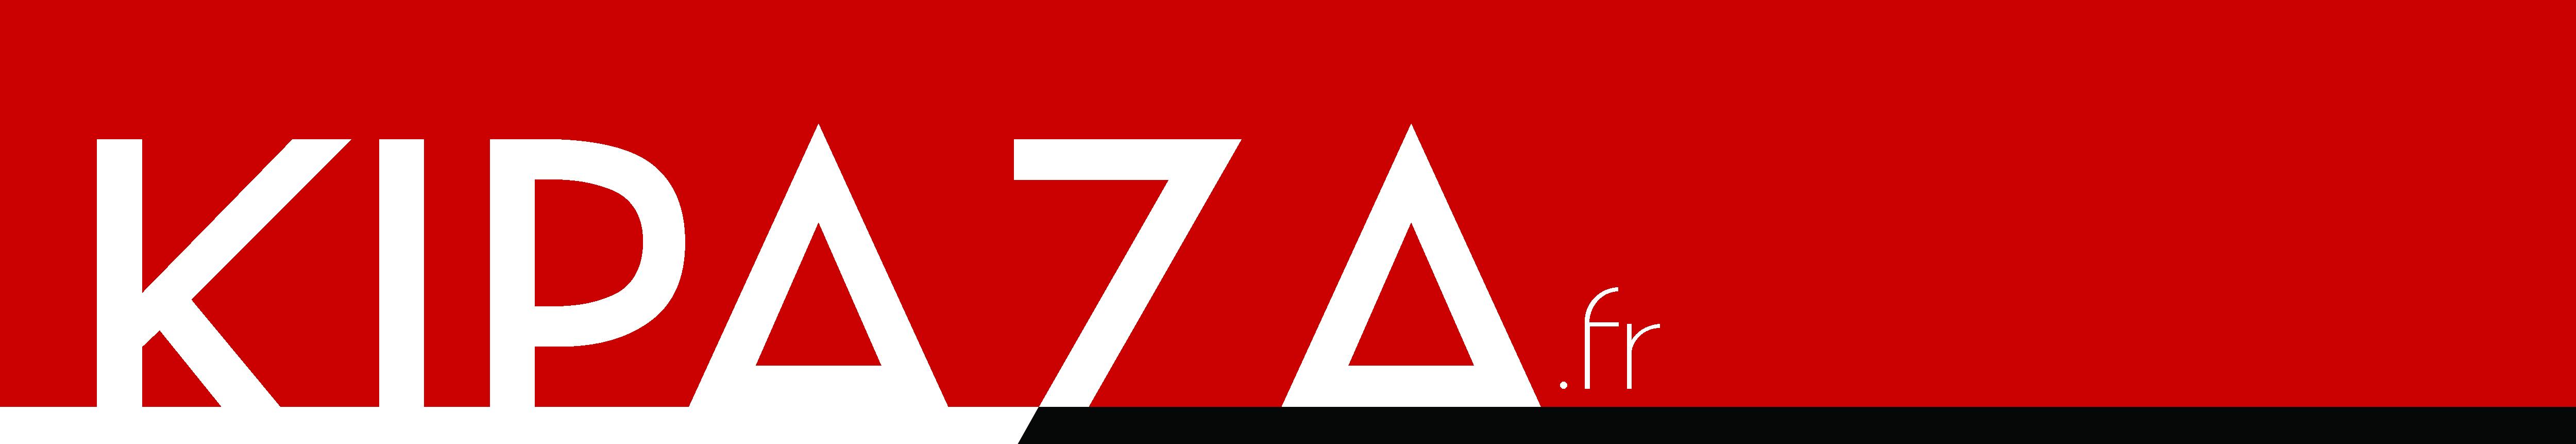 Kipaza